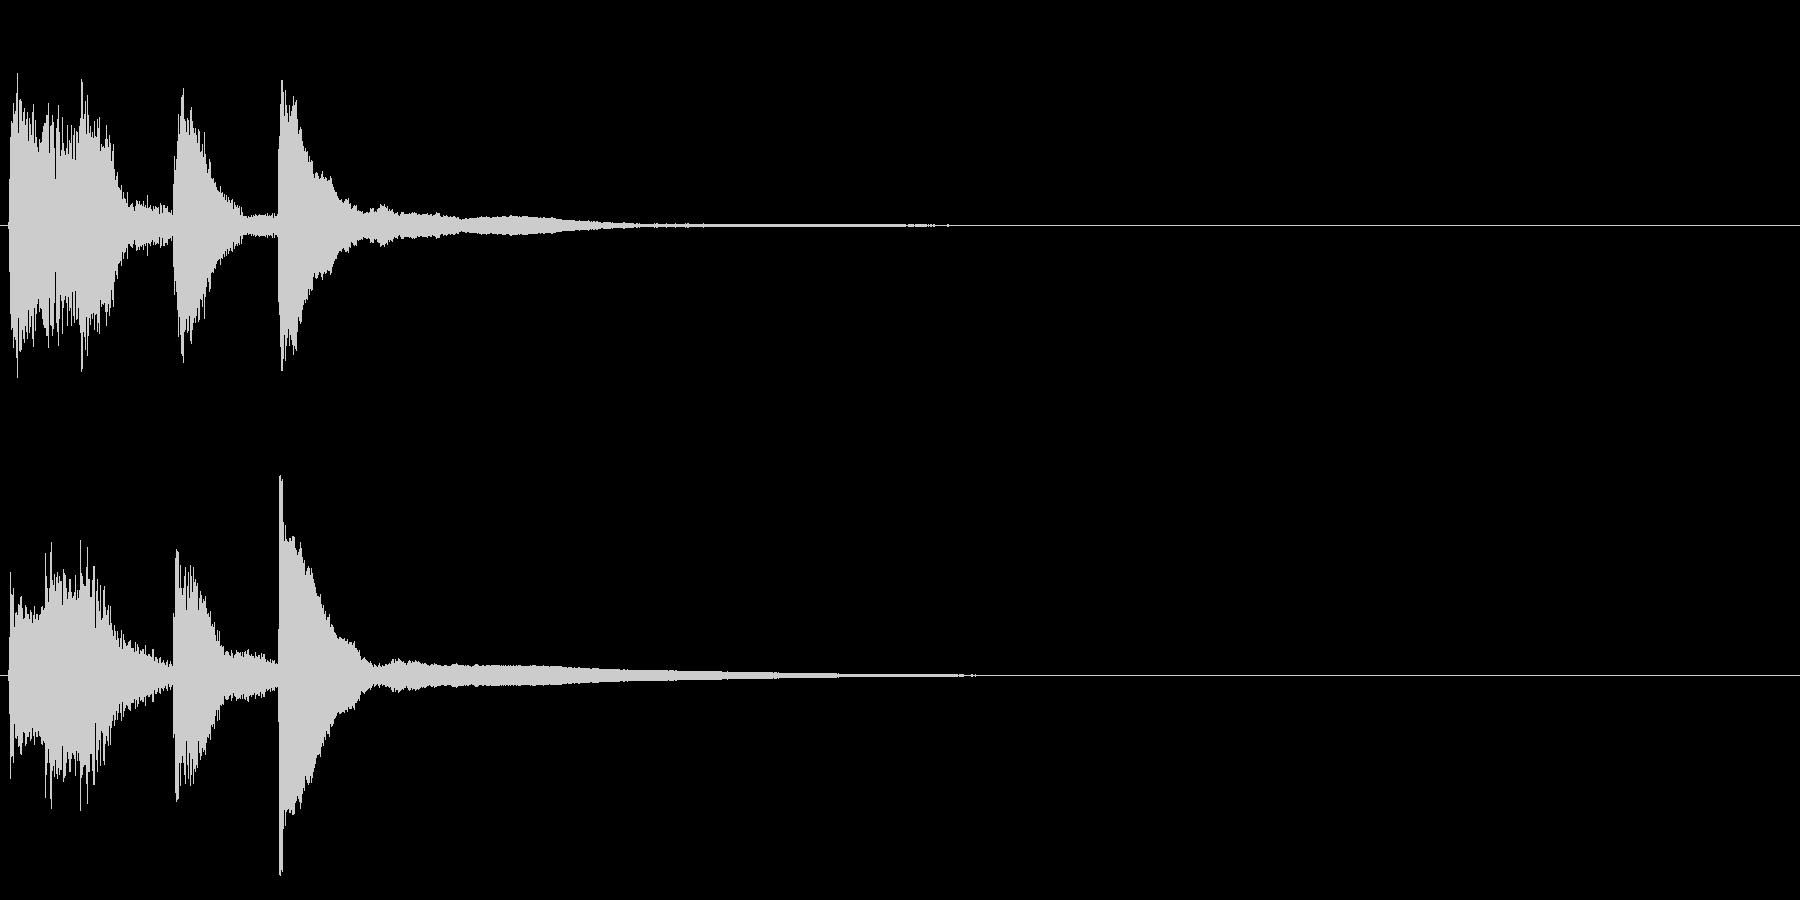 サウンドロゴ(企業ロゴ)_023の未再生の波形